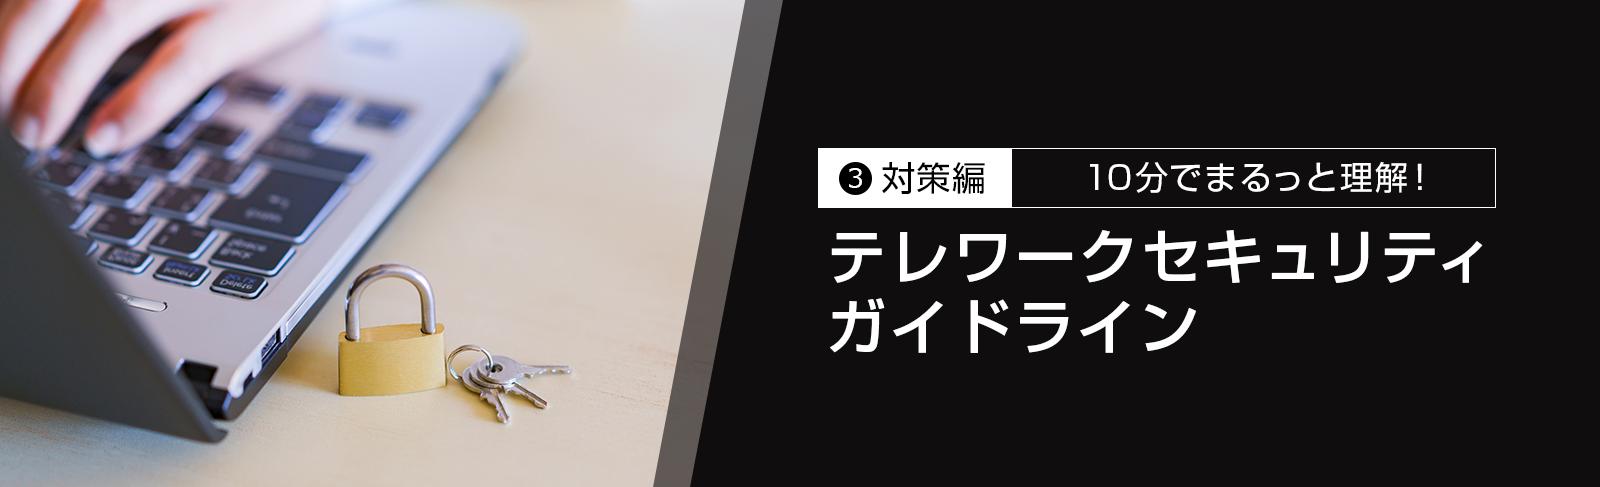 【10分でまるっと理解!】テレワークセキュリティガイドライン~対策編~